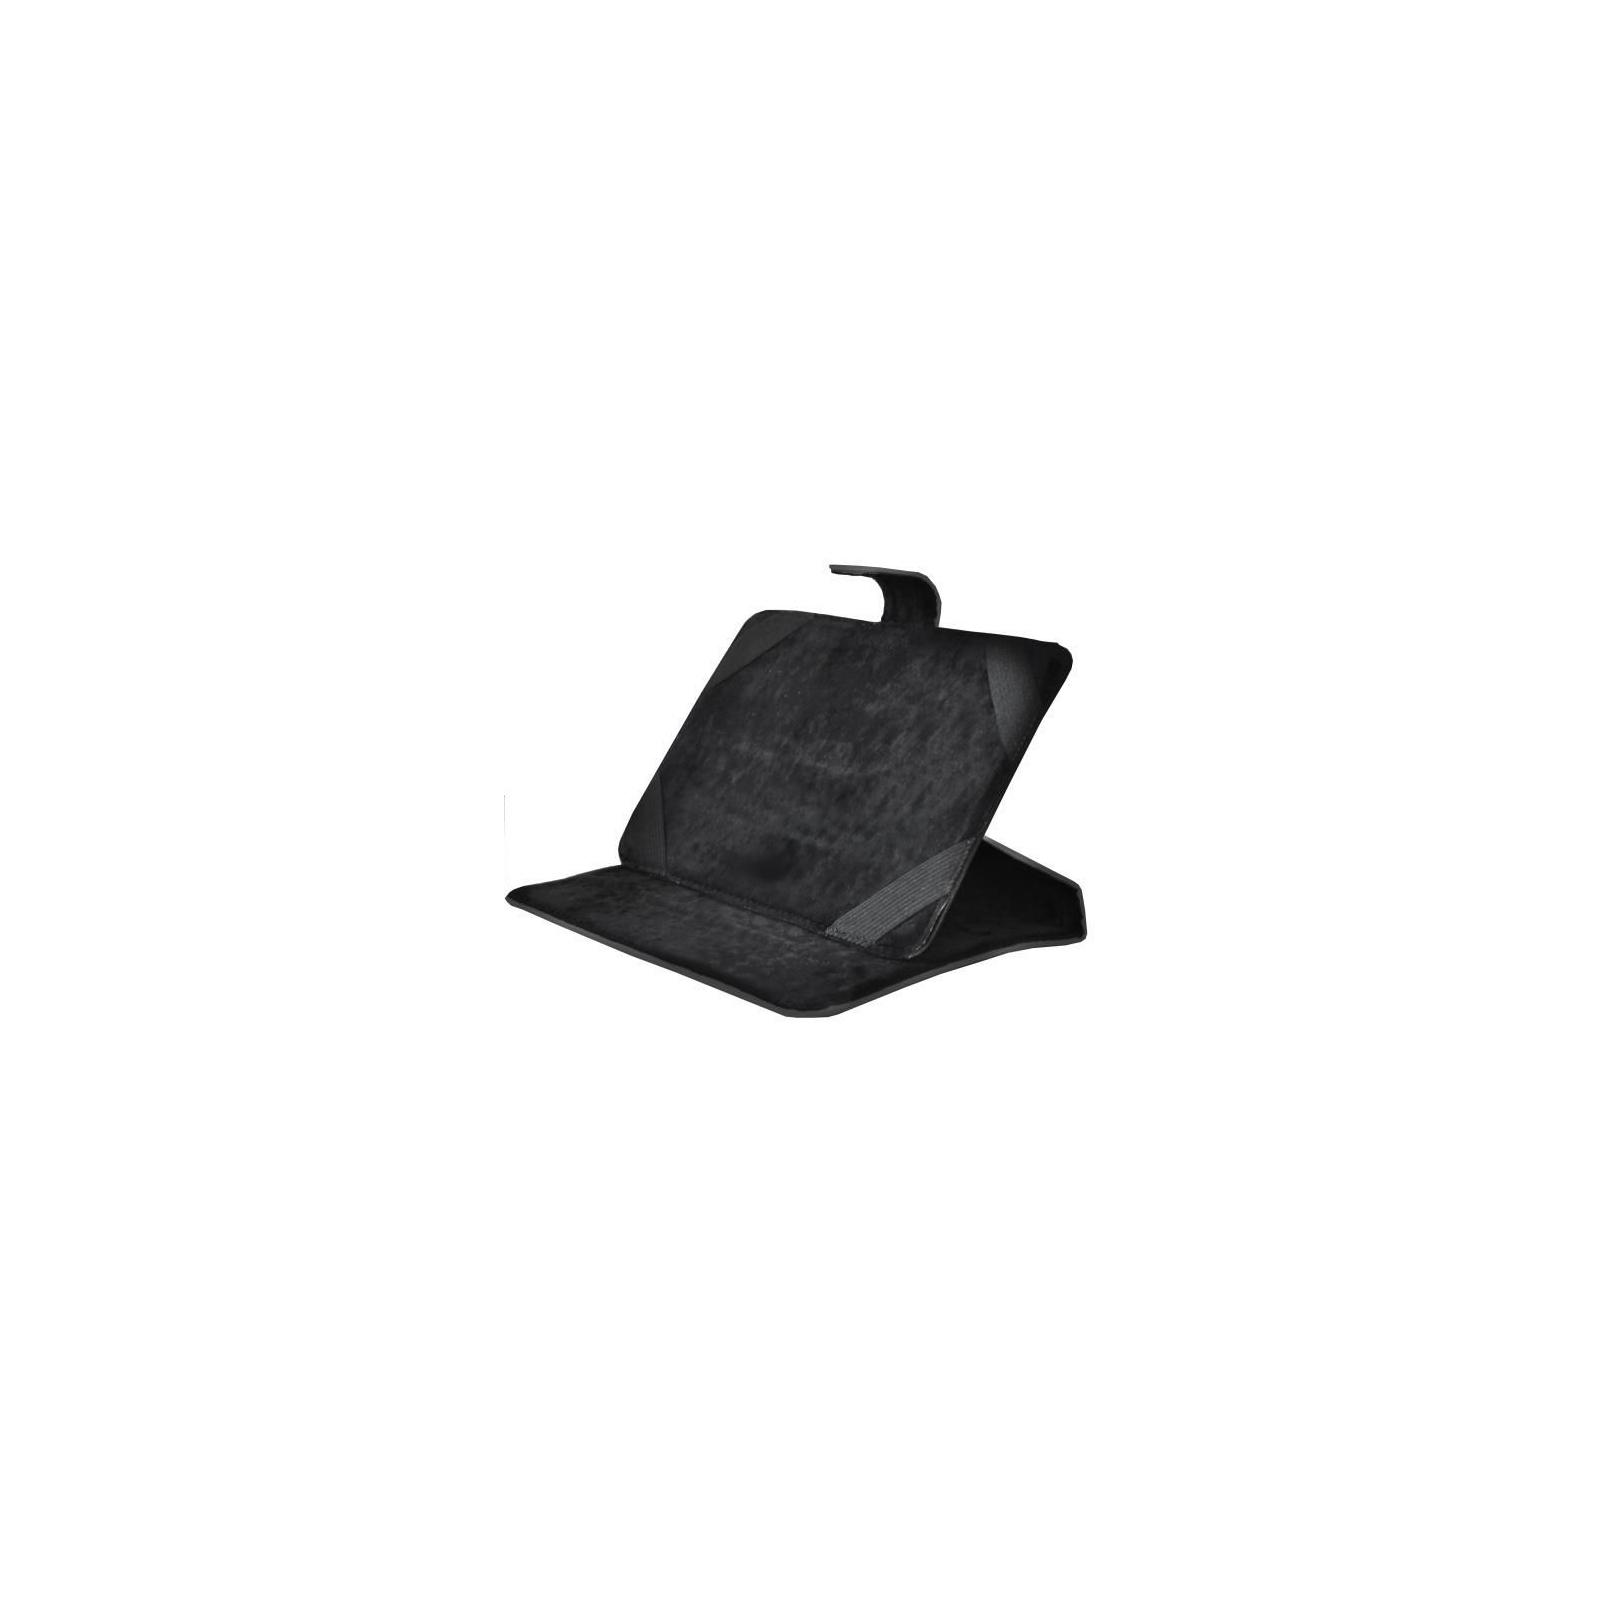 Чехол для планшета Vento 10.1 Advanced - black изображение 2